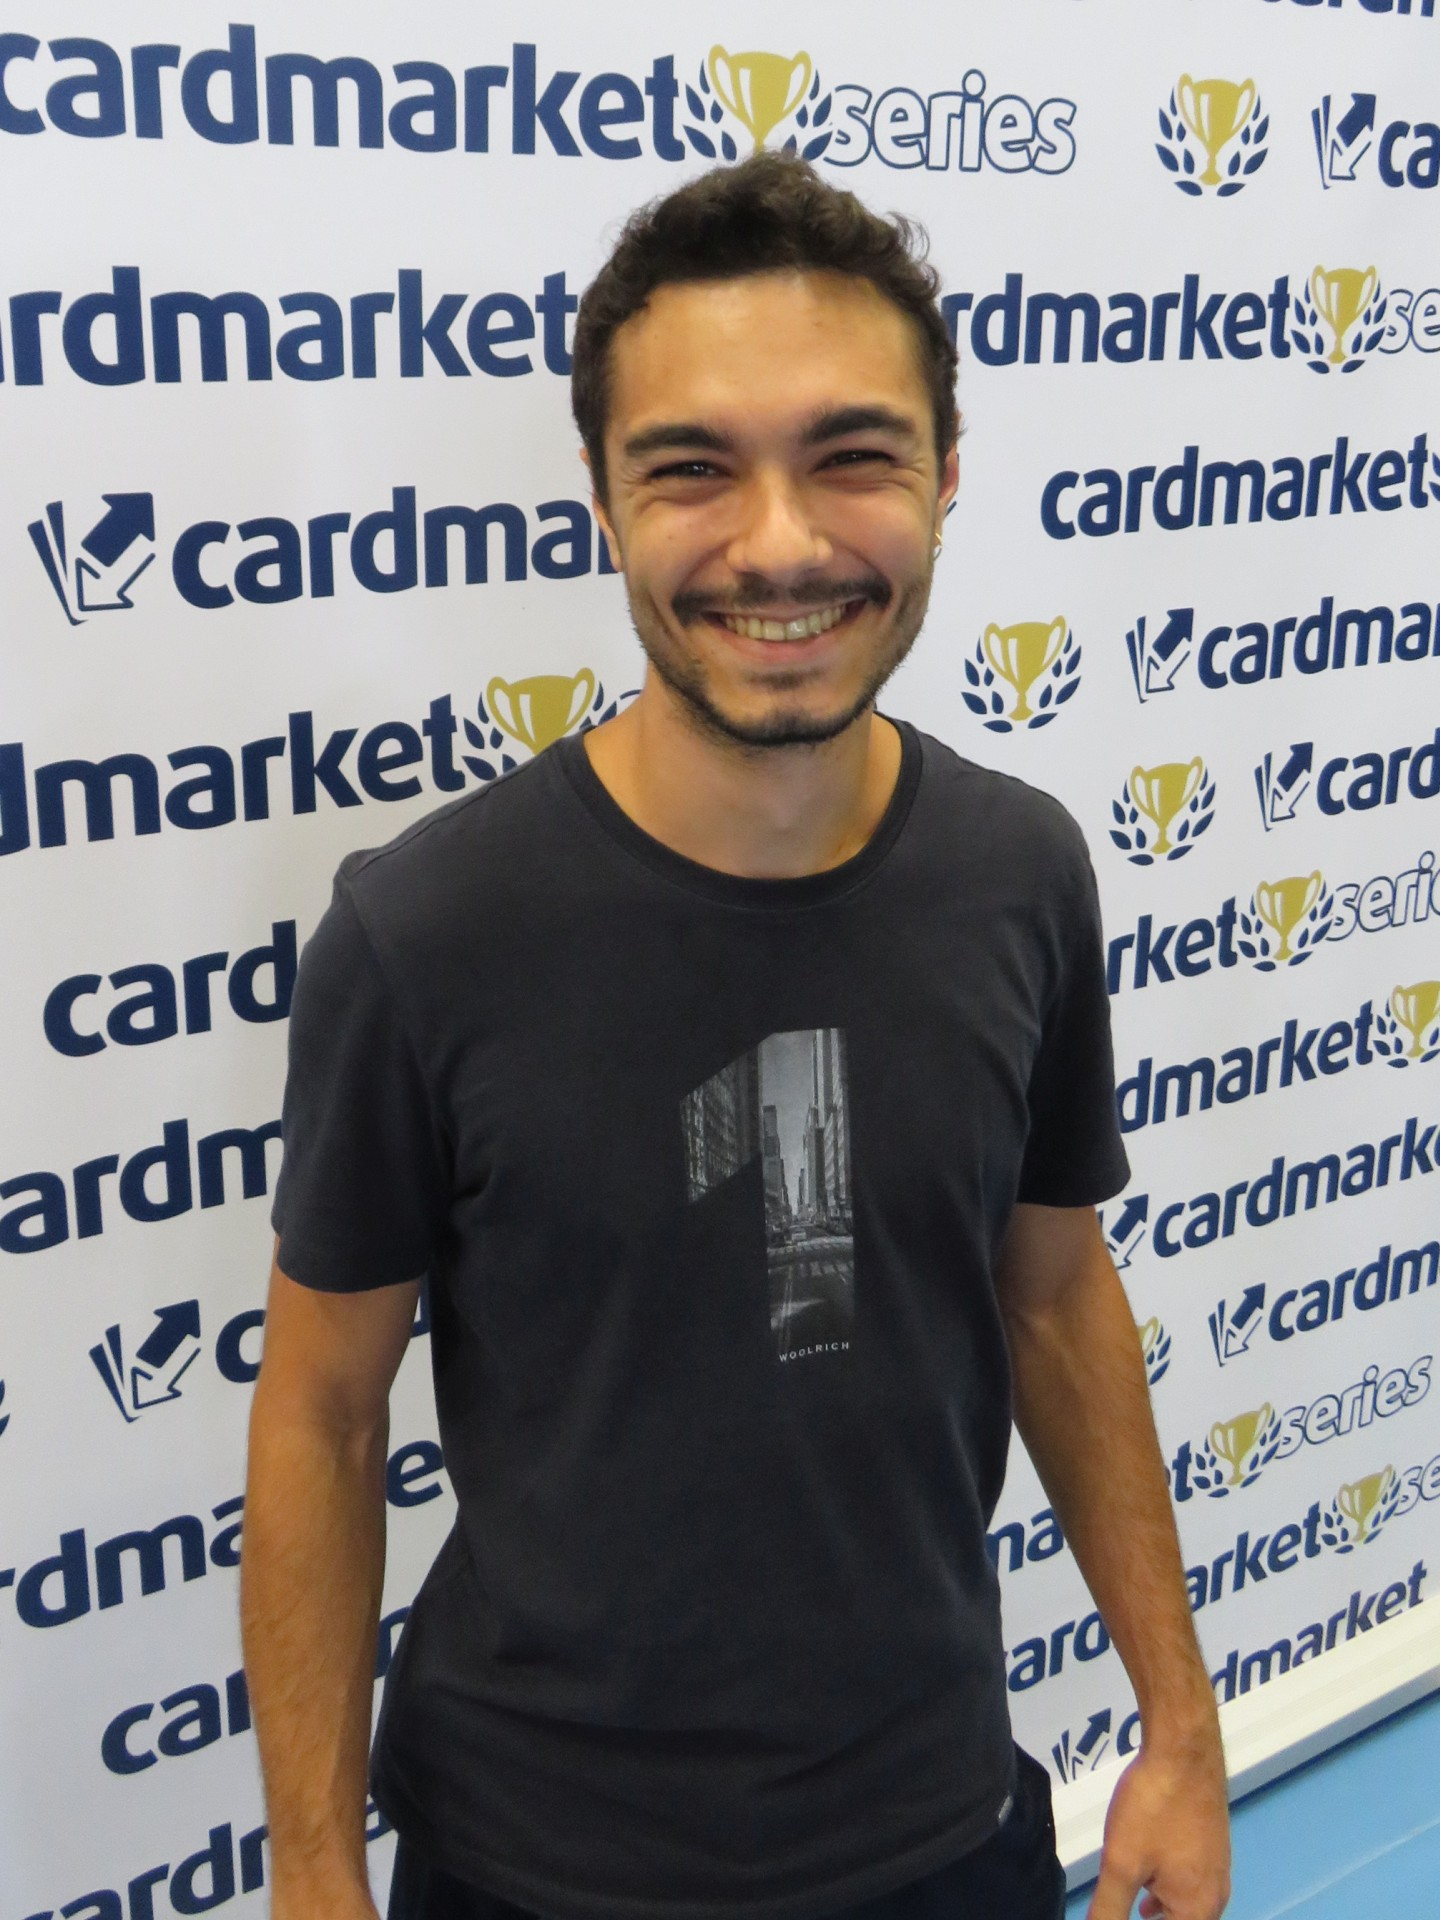 Luca Zolesio